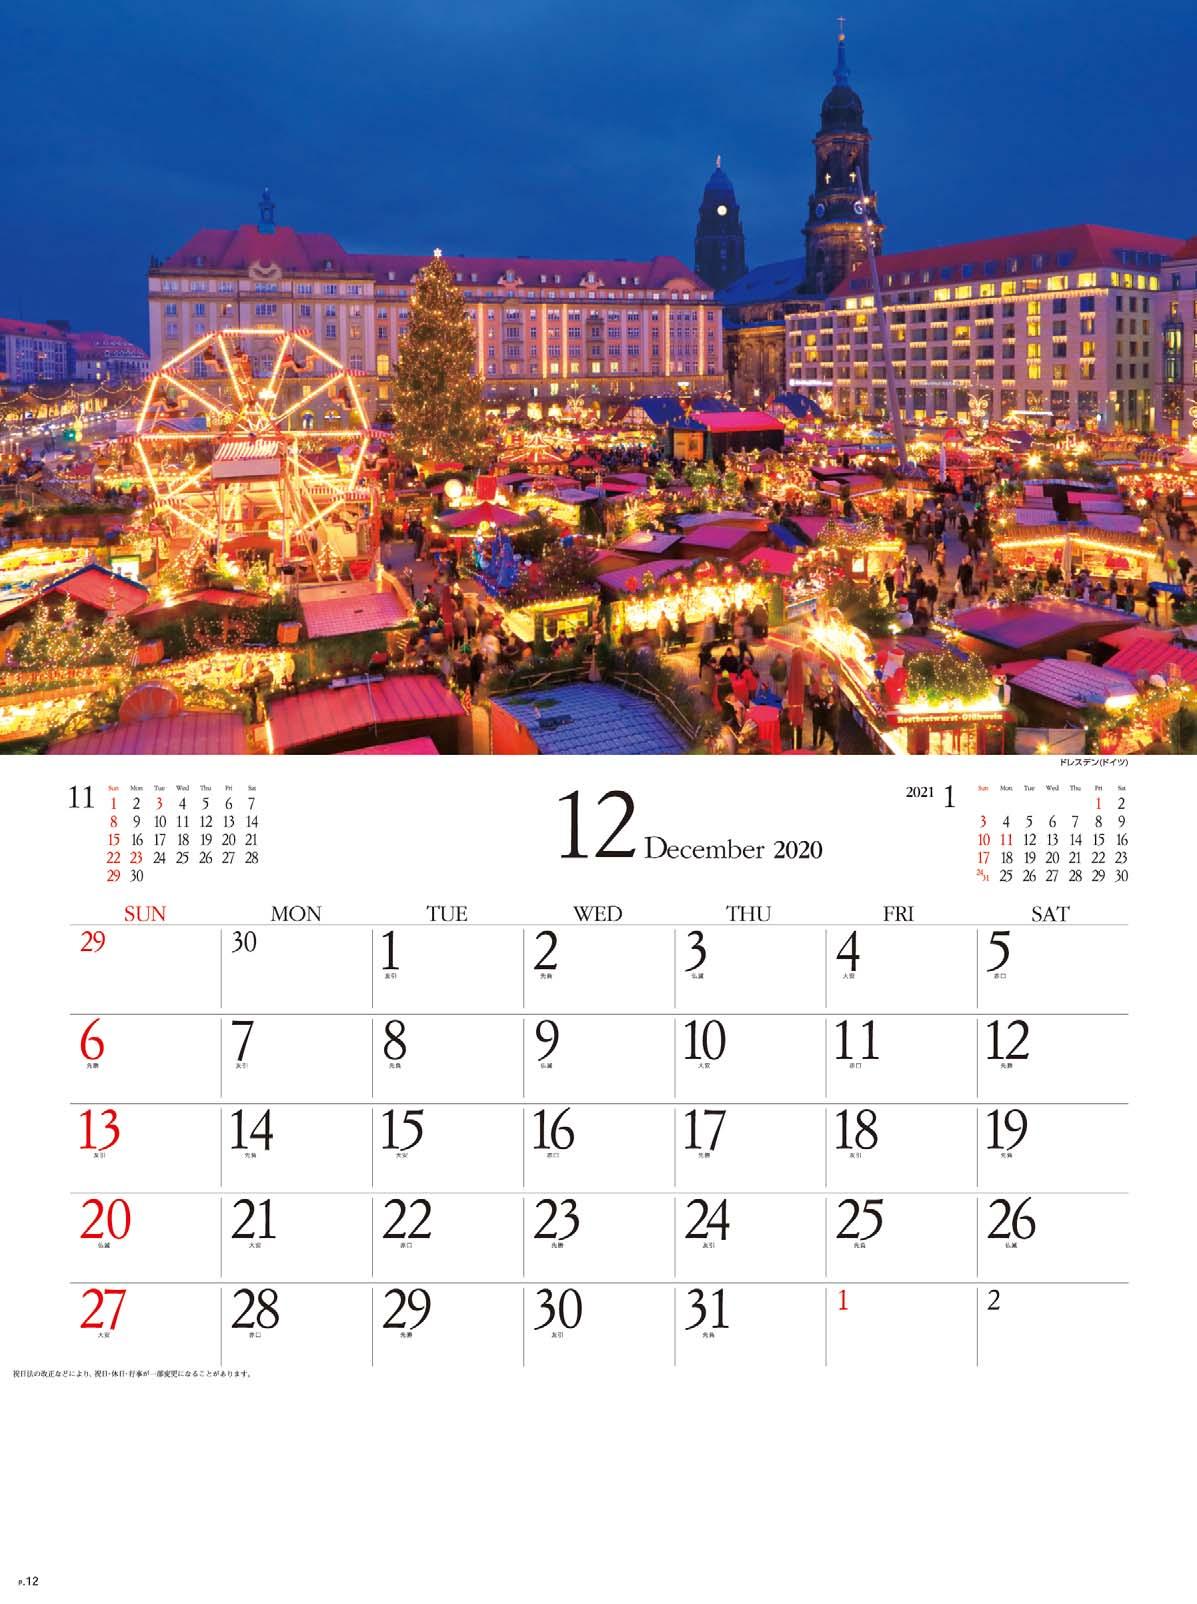 画像:ドレスデン(ドイツ) エンドレスシティ・世界の夜景 2020年カレンダー